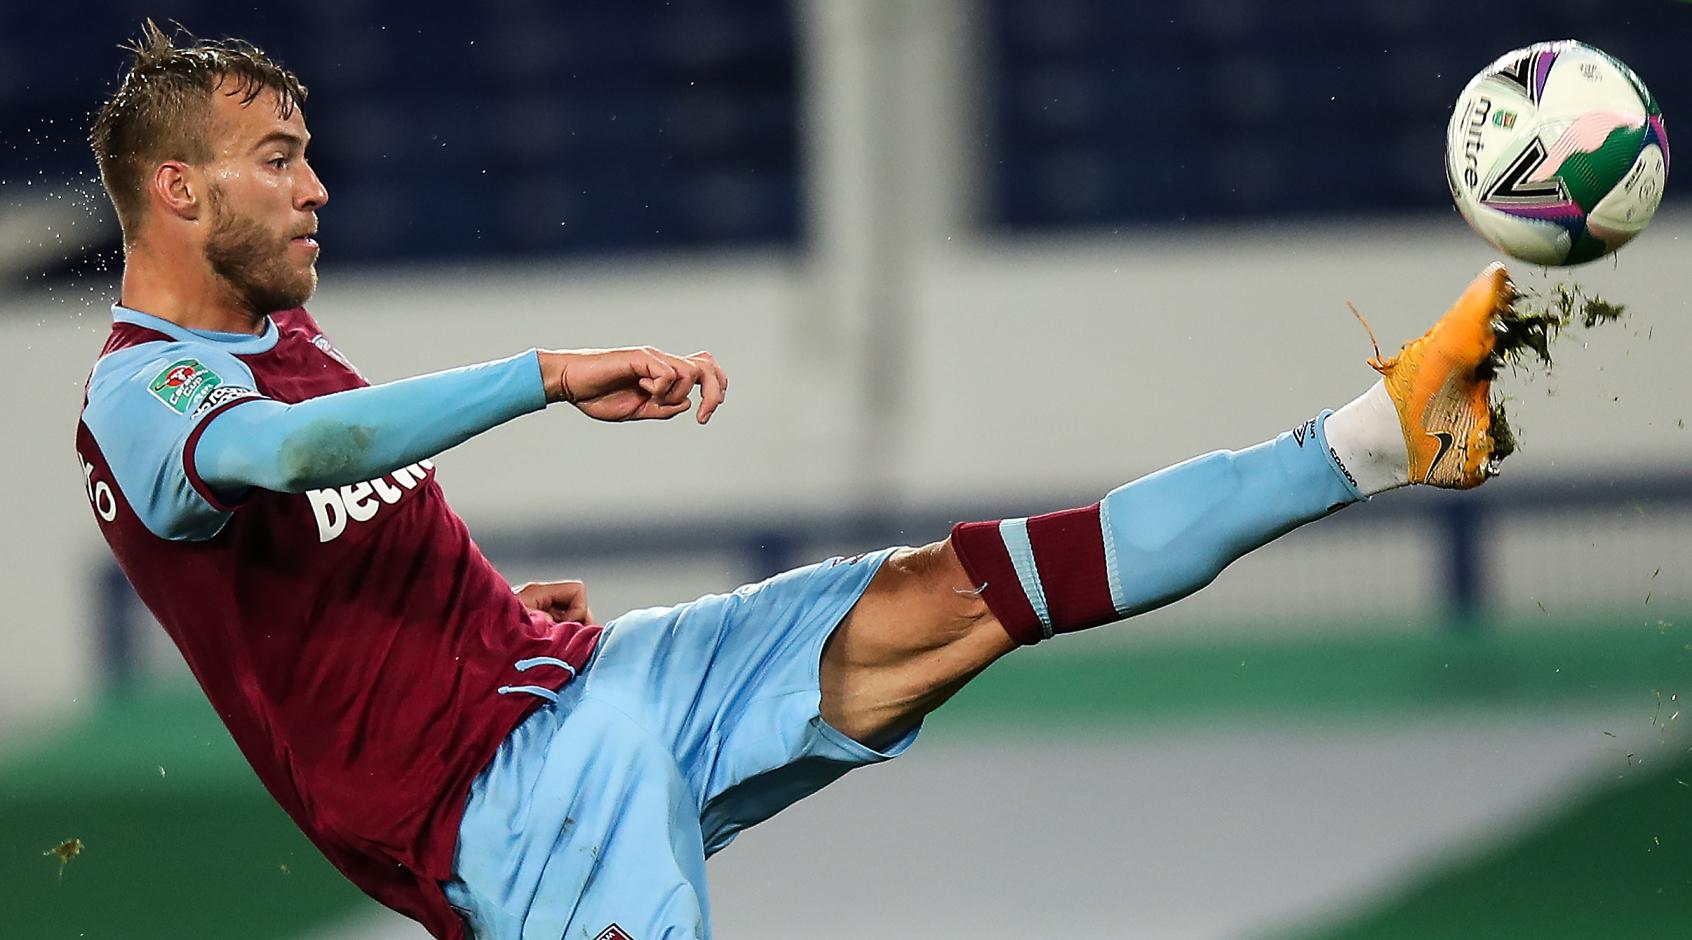 Андрей Ярмоленко забивает первый гол в 2021-м году (+Видео)